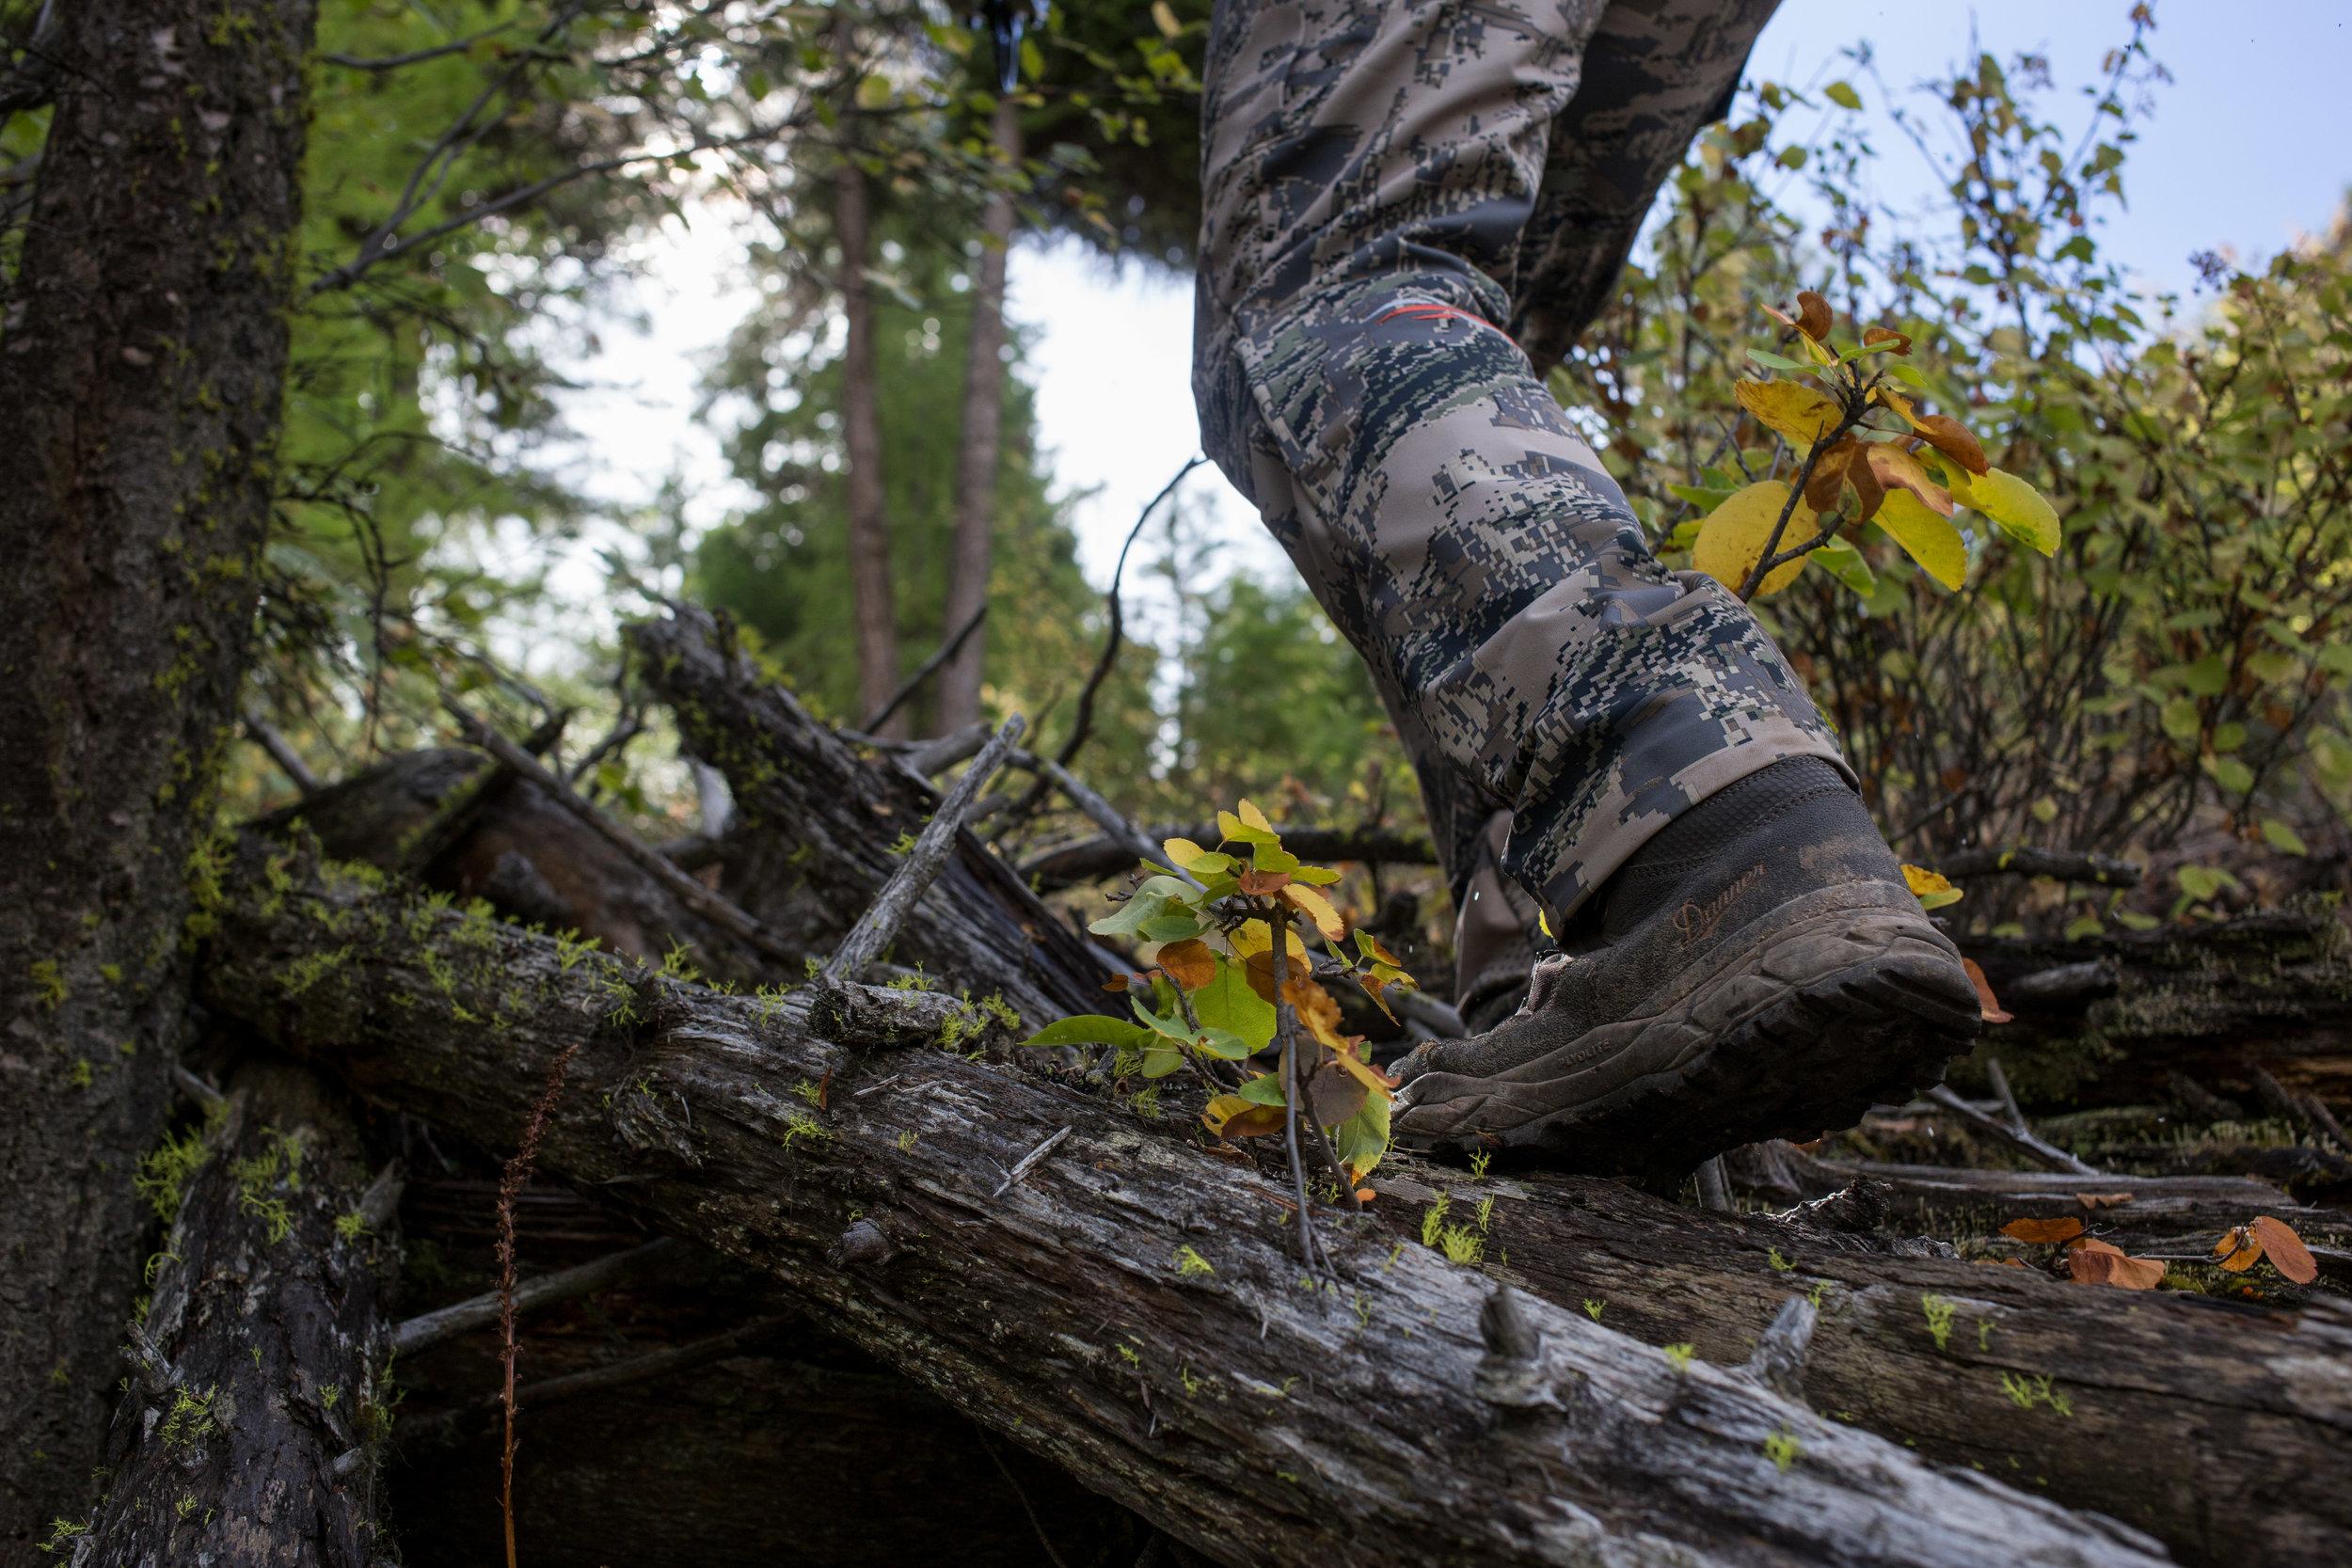 Danner Vital Hunting Boot